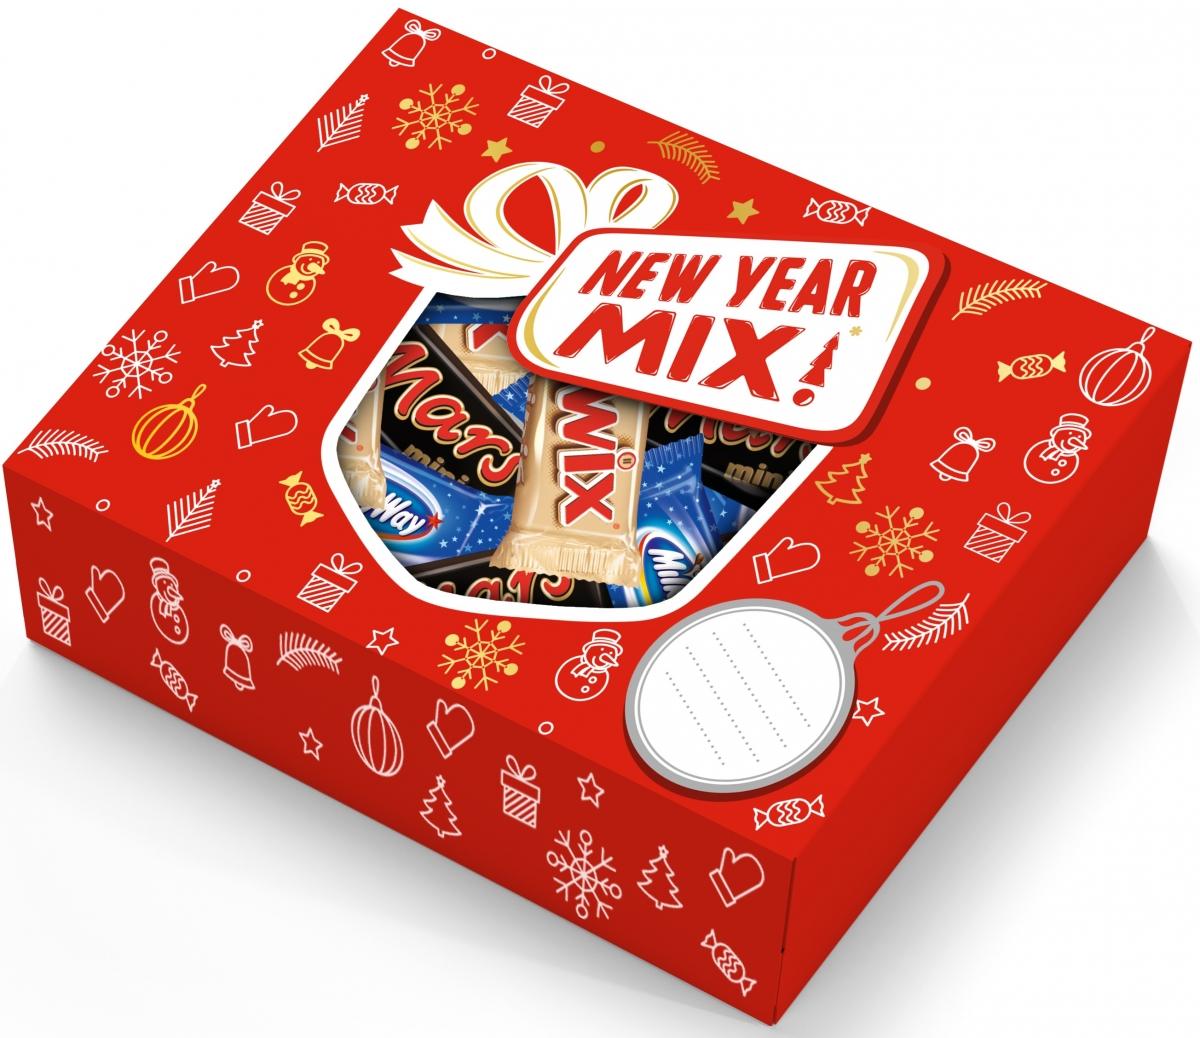 Minis Ассорти подарочный набор, 195 г4607065379902Новогодний набор New Year Mix - отличный подарок для родных, близких, детей и коллег! В наборе - только самые известные и любимые шоколадные батончики, конфеты и драже: Сникерс, Твикс, Баунти и, кончено же, M&Ms! Яркая упаковка дополняет этот разнообразный ассортимент и делает ваш подарок по-настоящему незабываемым!